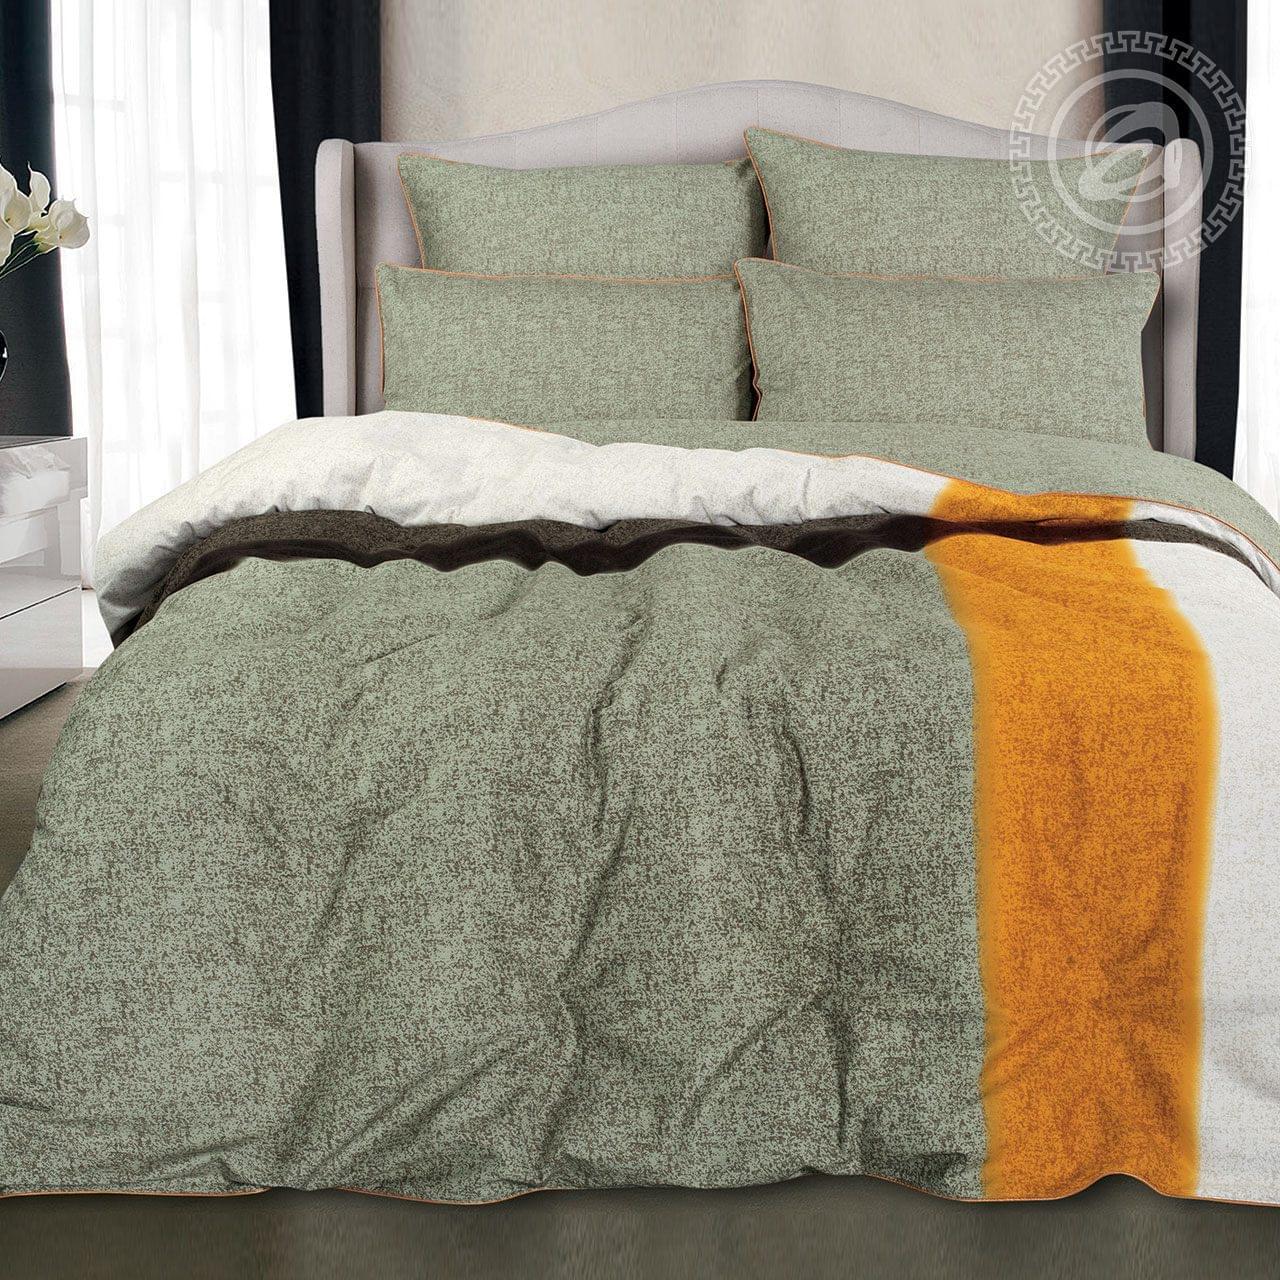 ткань велюр для постельного белья купить